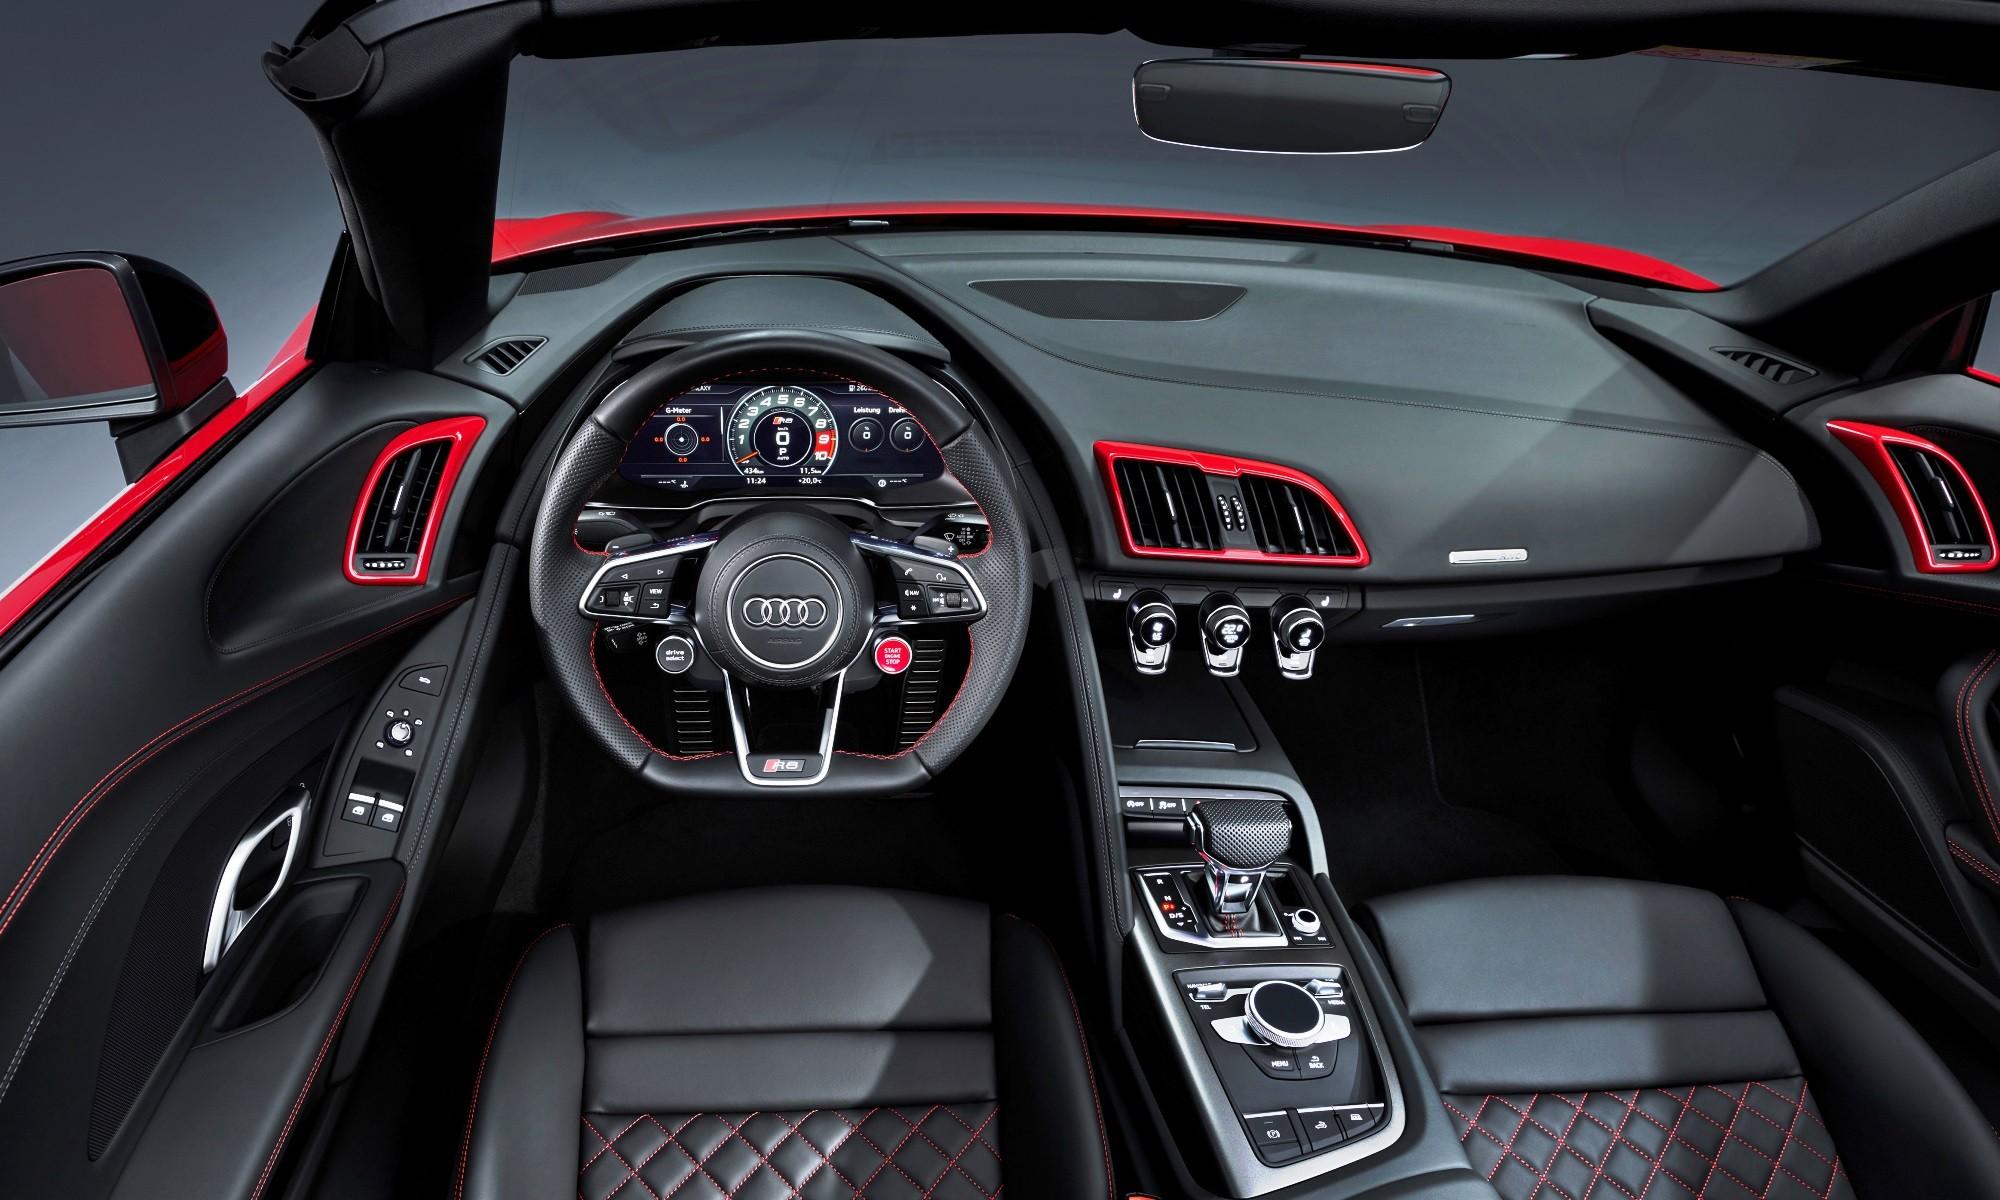 Audi R8 V10 RWD Spyder interior